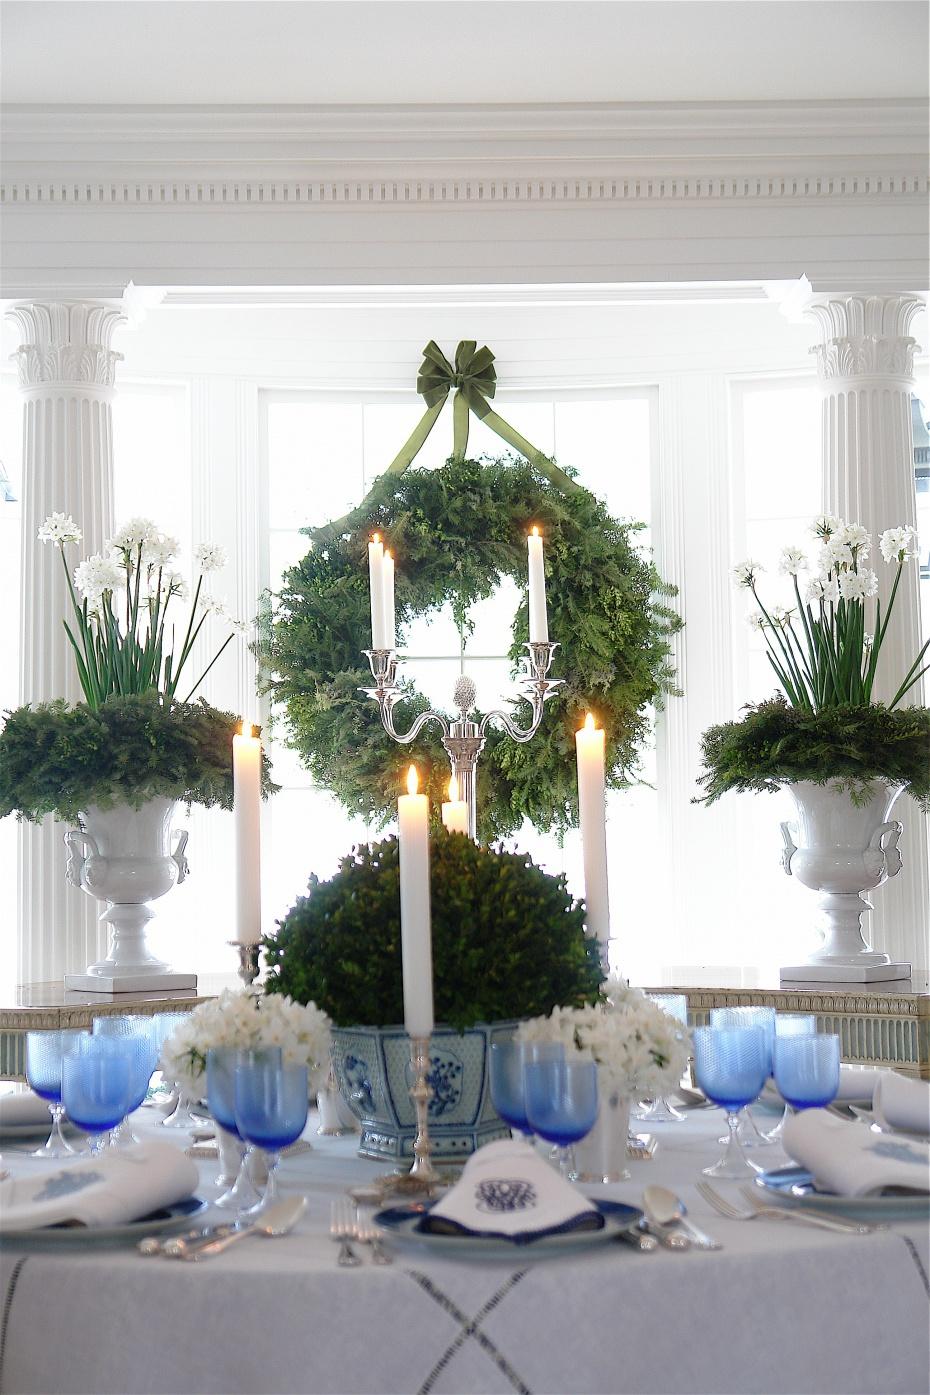 Carolyne Roehm Christmas wreath || www.carolyneroehm.com